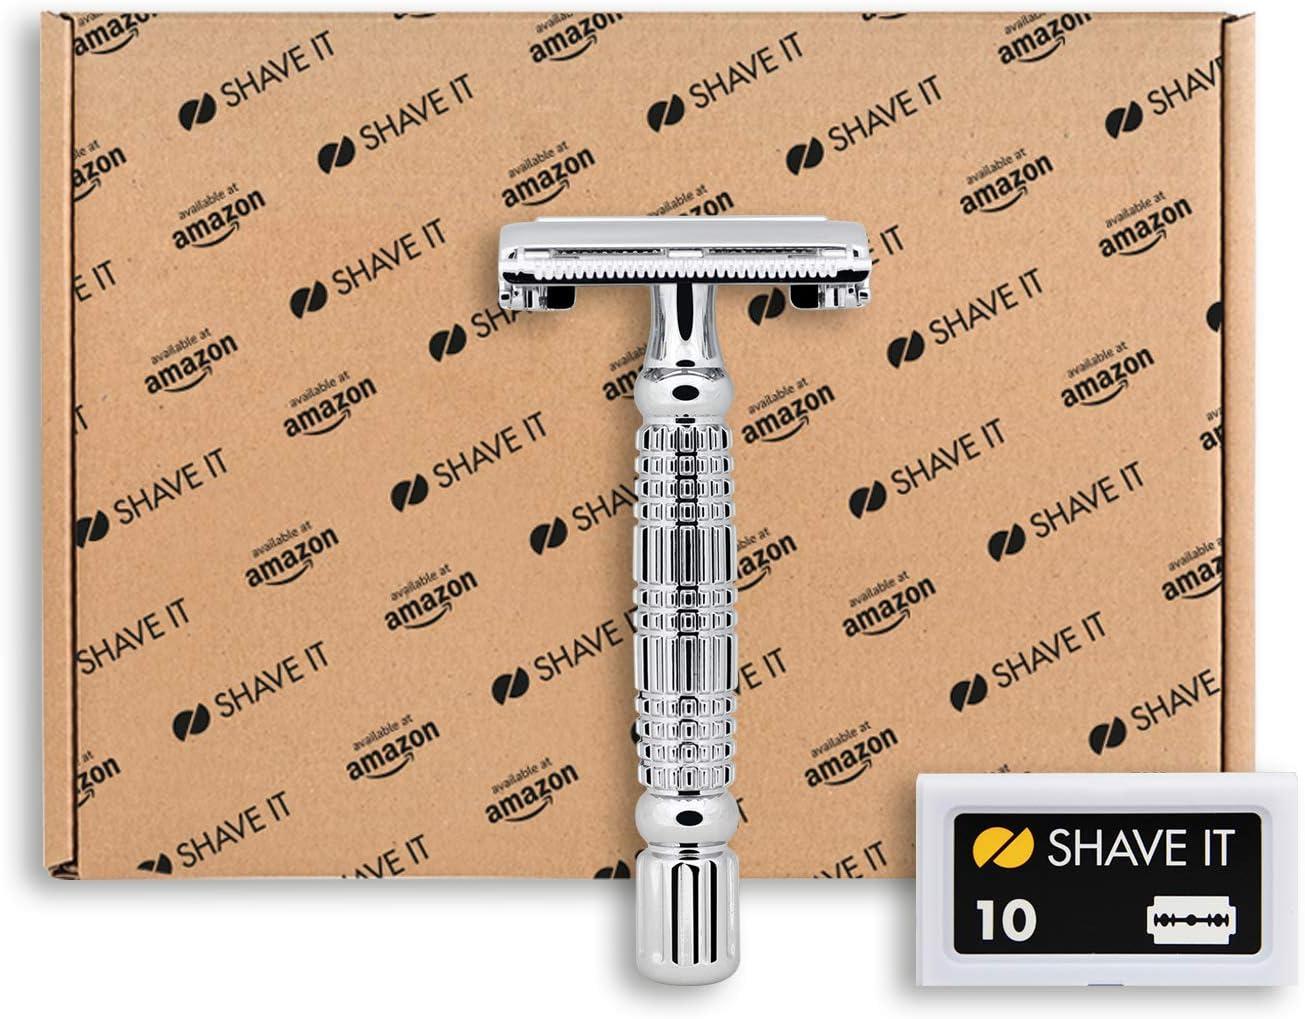 Shave It - Kit de viaje con maquinilla de afeitar y 10 cuchillas